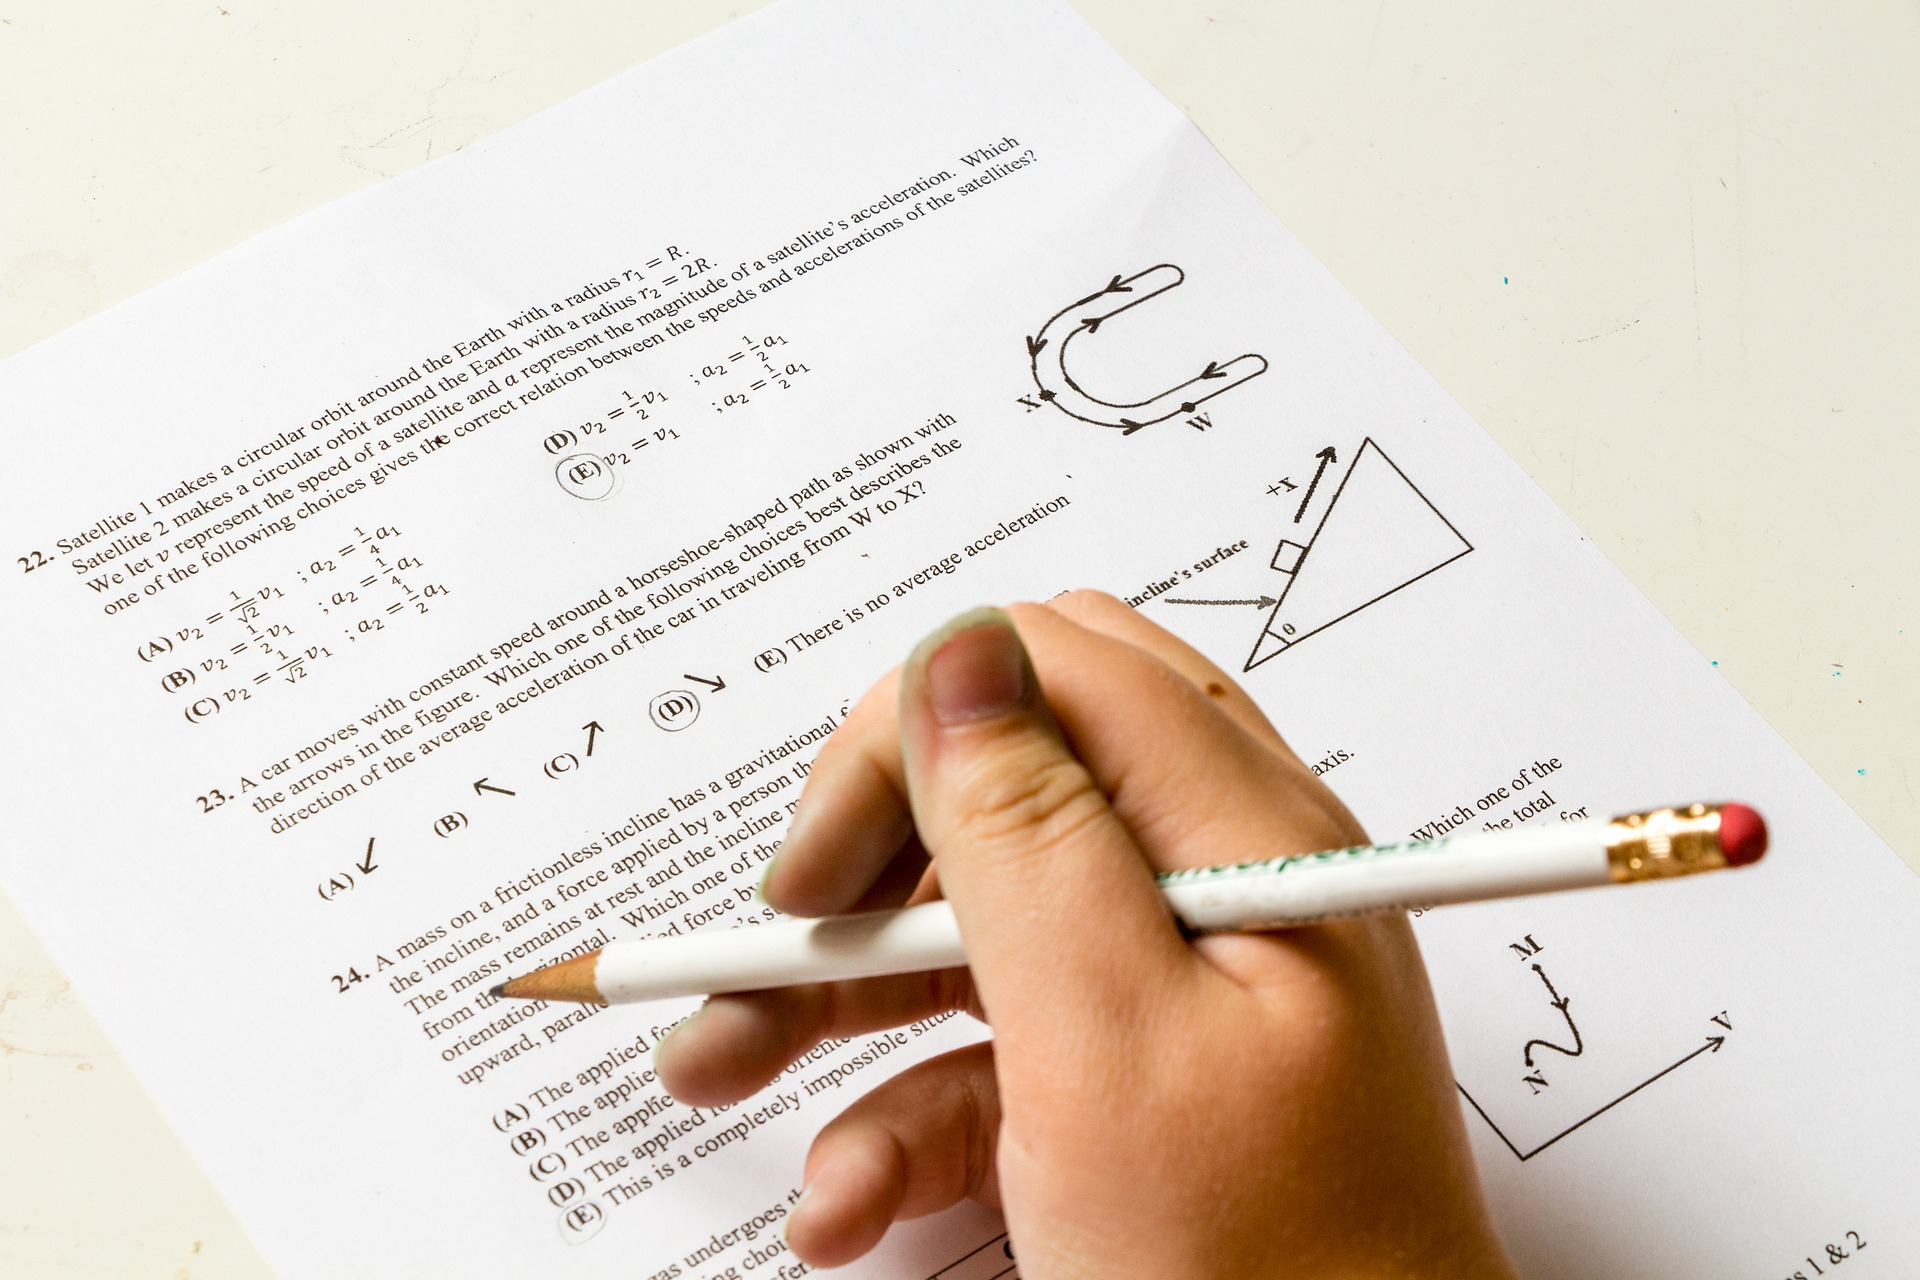 Egzamin z matematyki 2019 nie powinien przysporzyć zbyt dużych kłopotów tegorocznym maturzystom